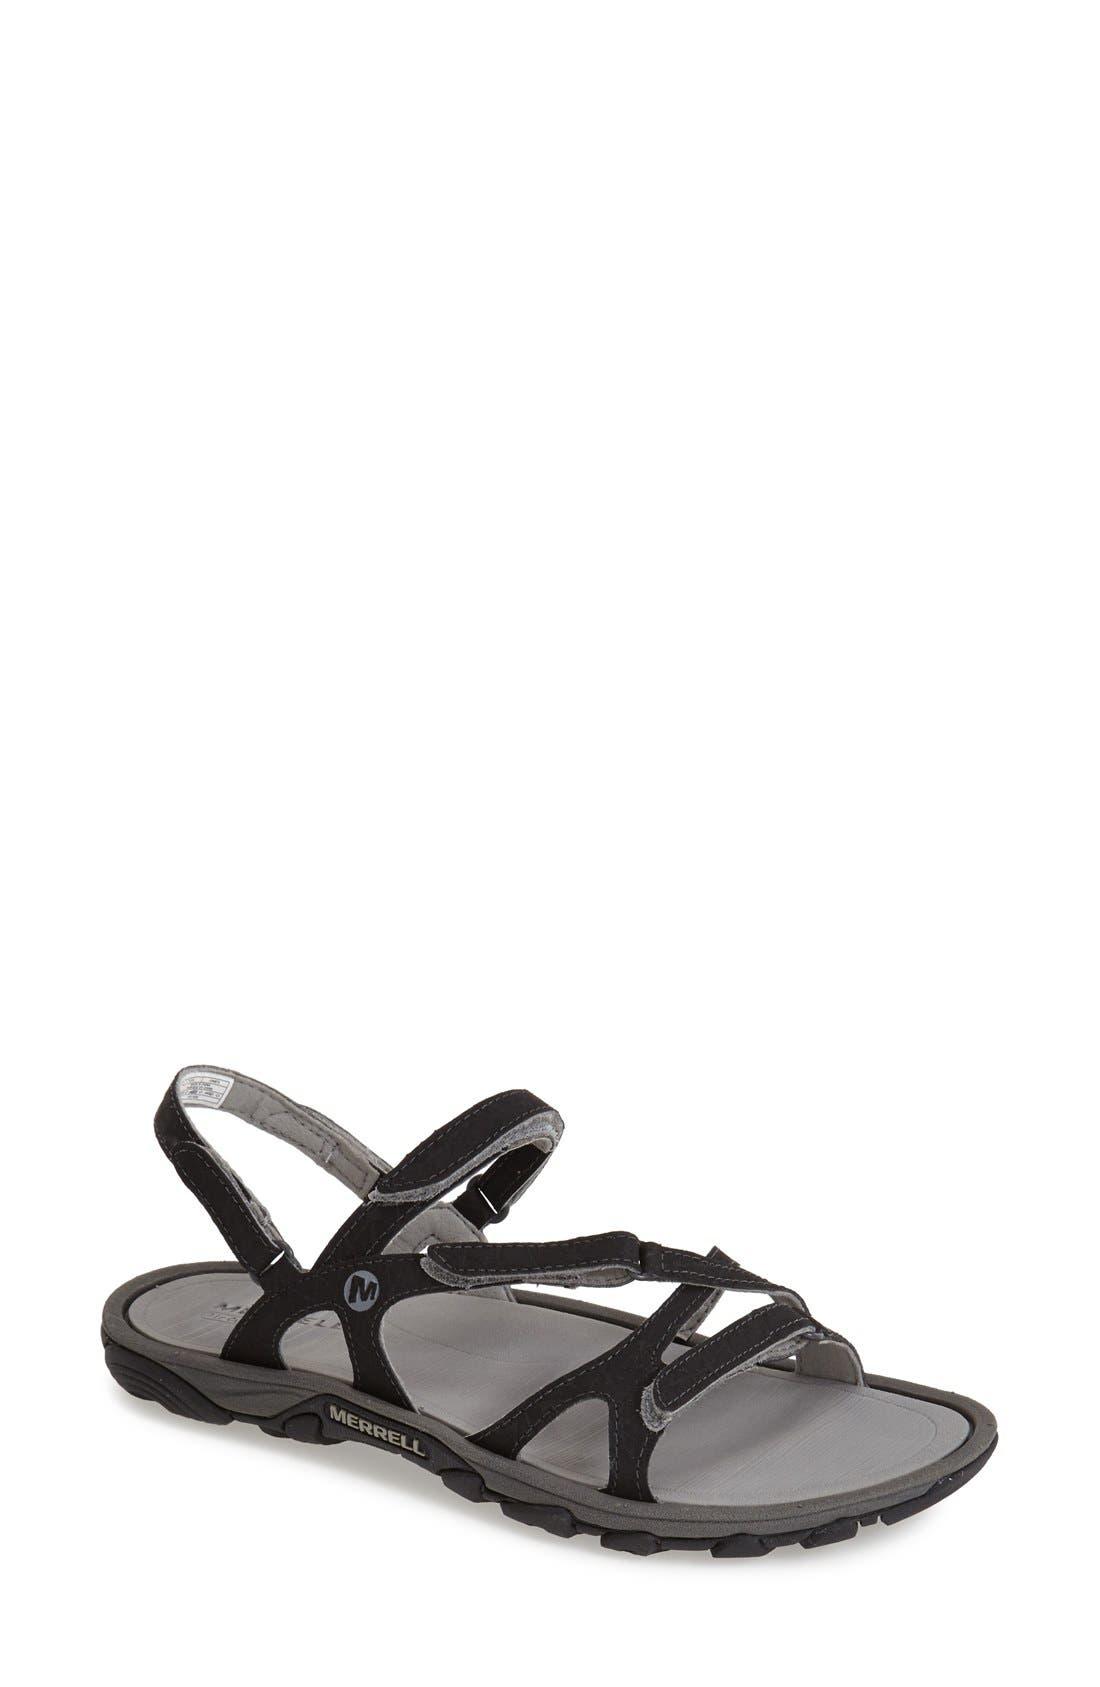 'Enoki' Water-Resistant Sandal, Main, color, 001